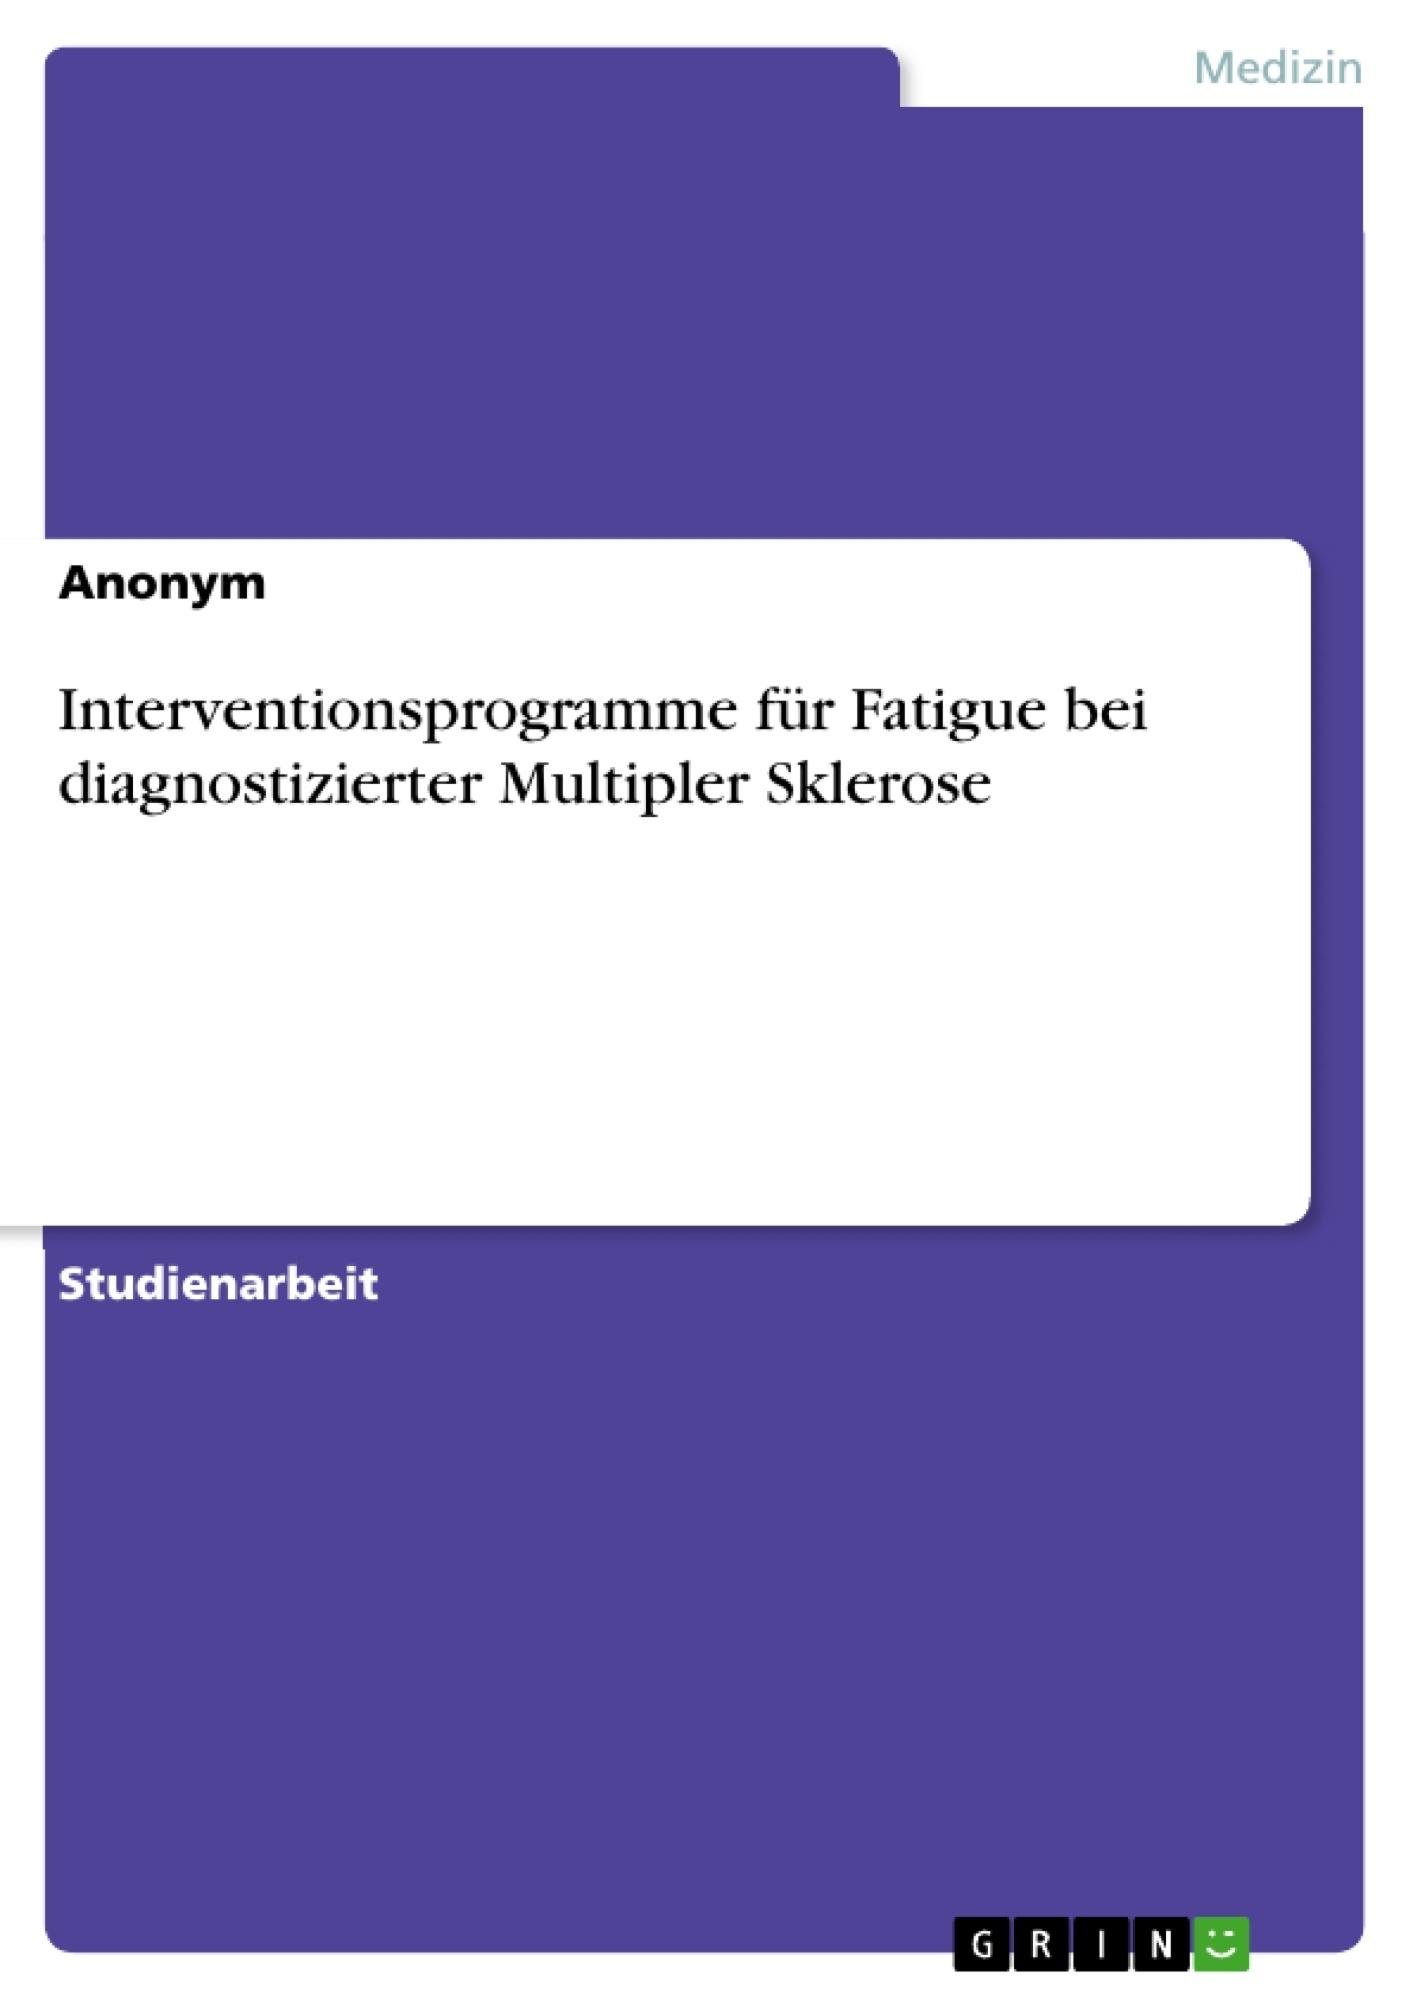 Titel: Interventionsprogramme für Fatigue bei diagnostizierter Multipler Sklerose